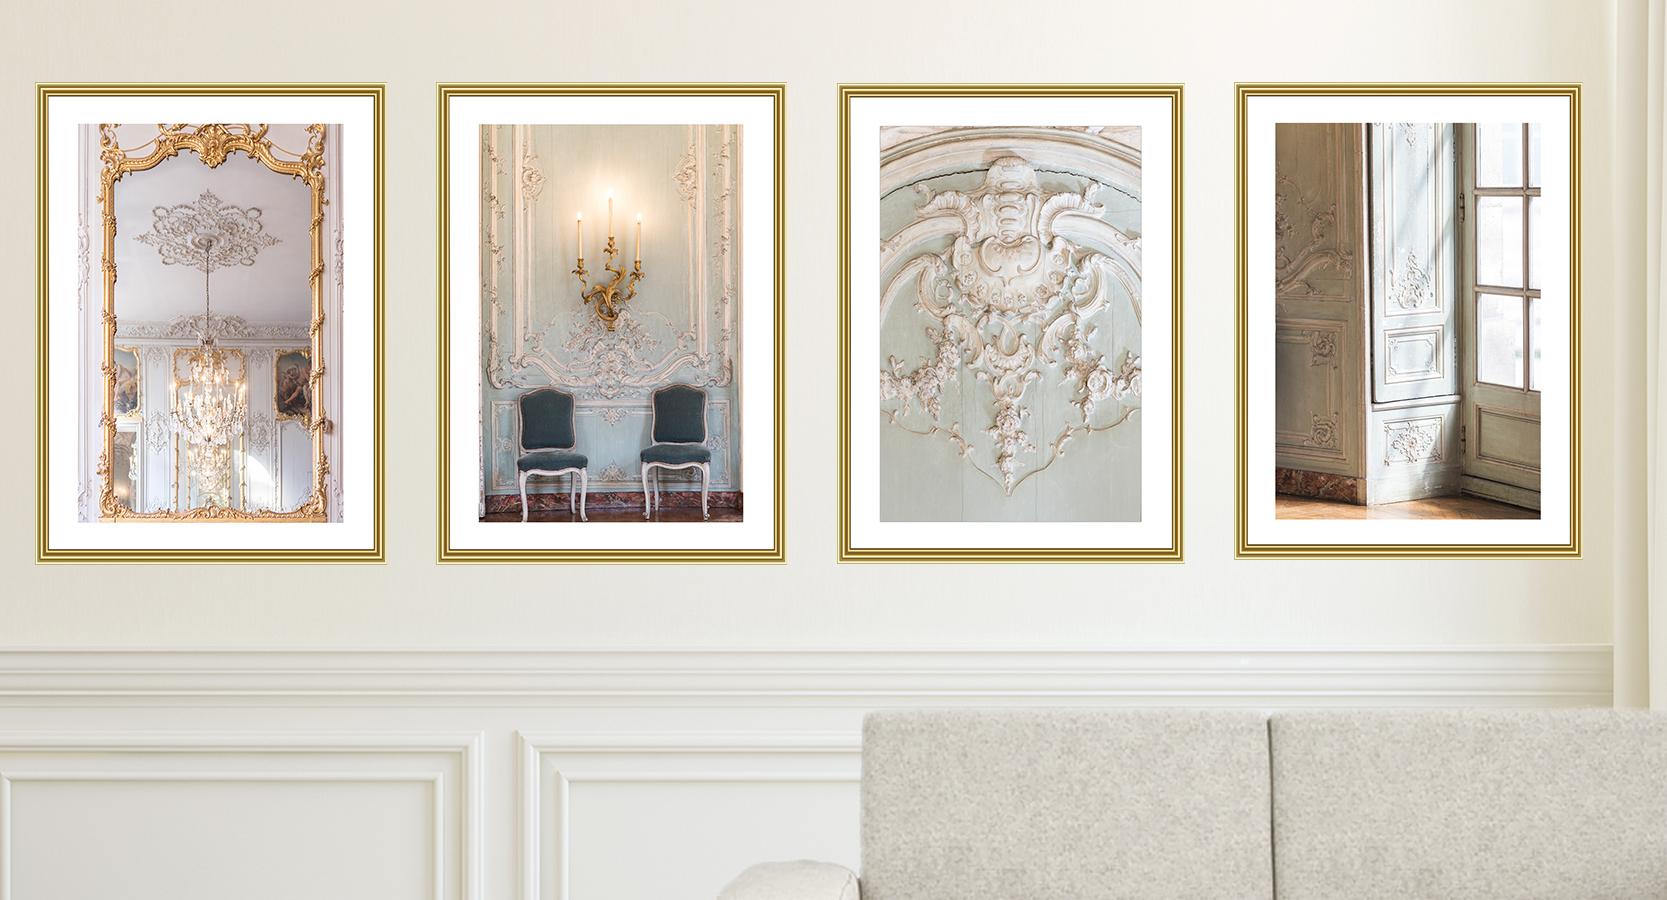 Paris Hôtel de Soubise Home Decor Collection